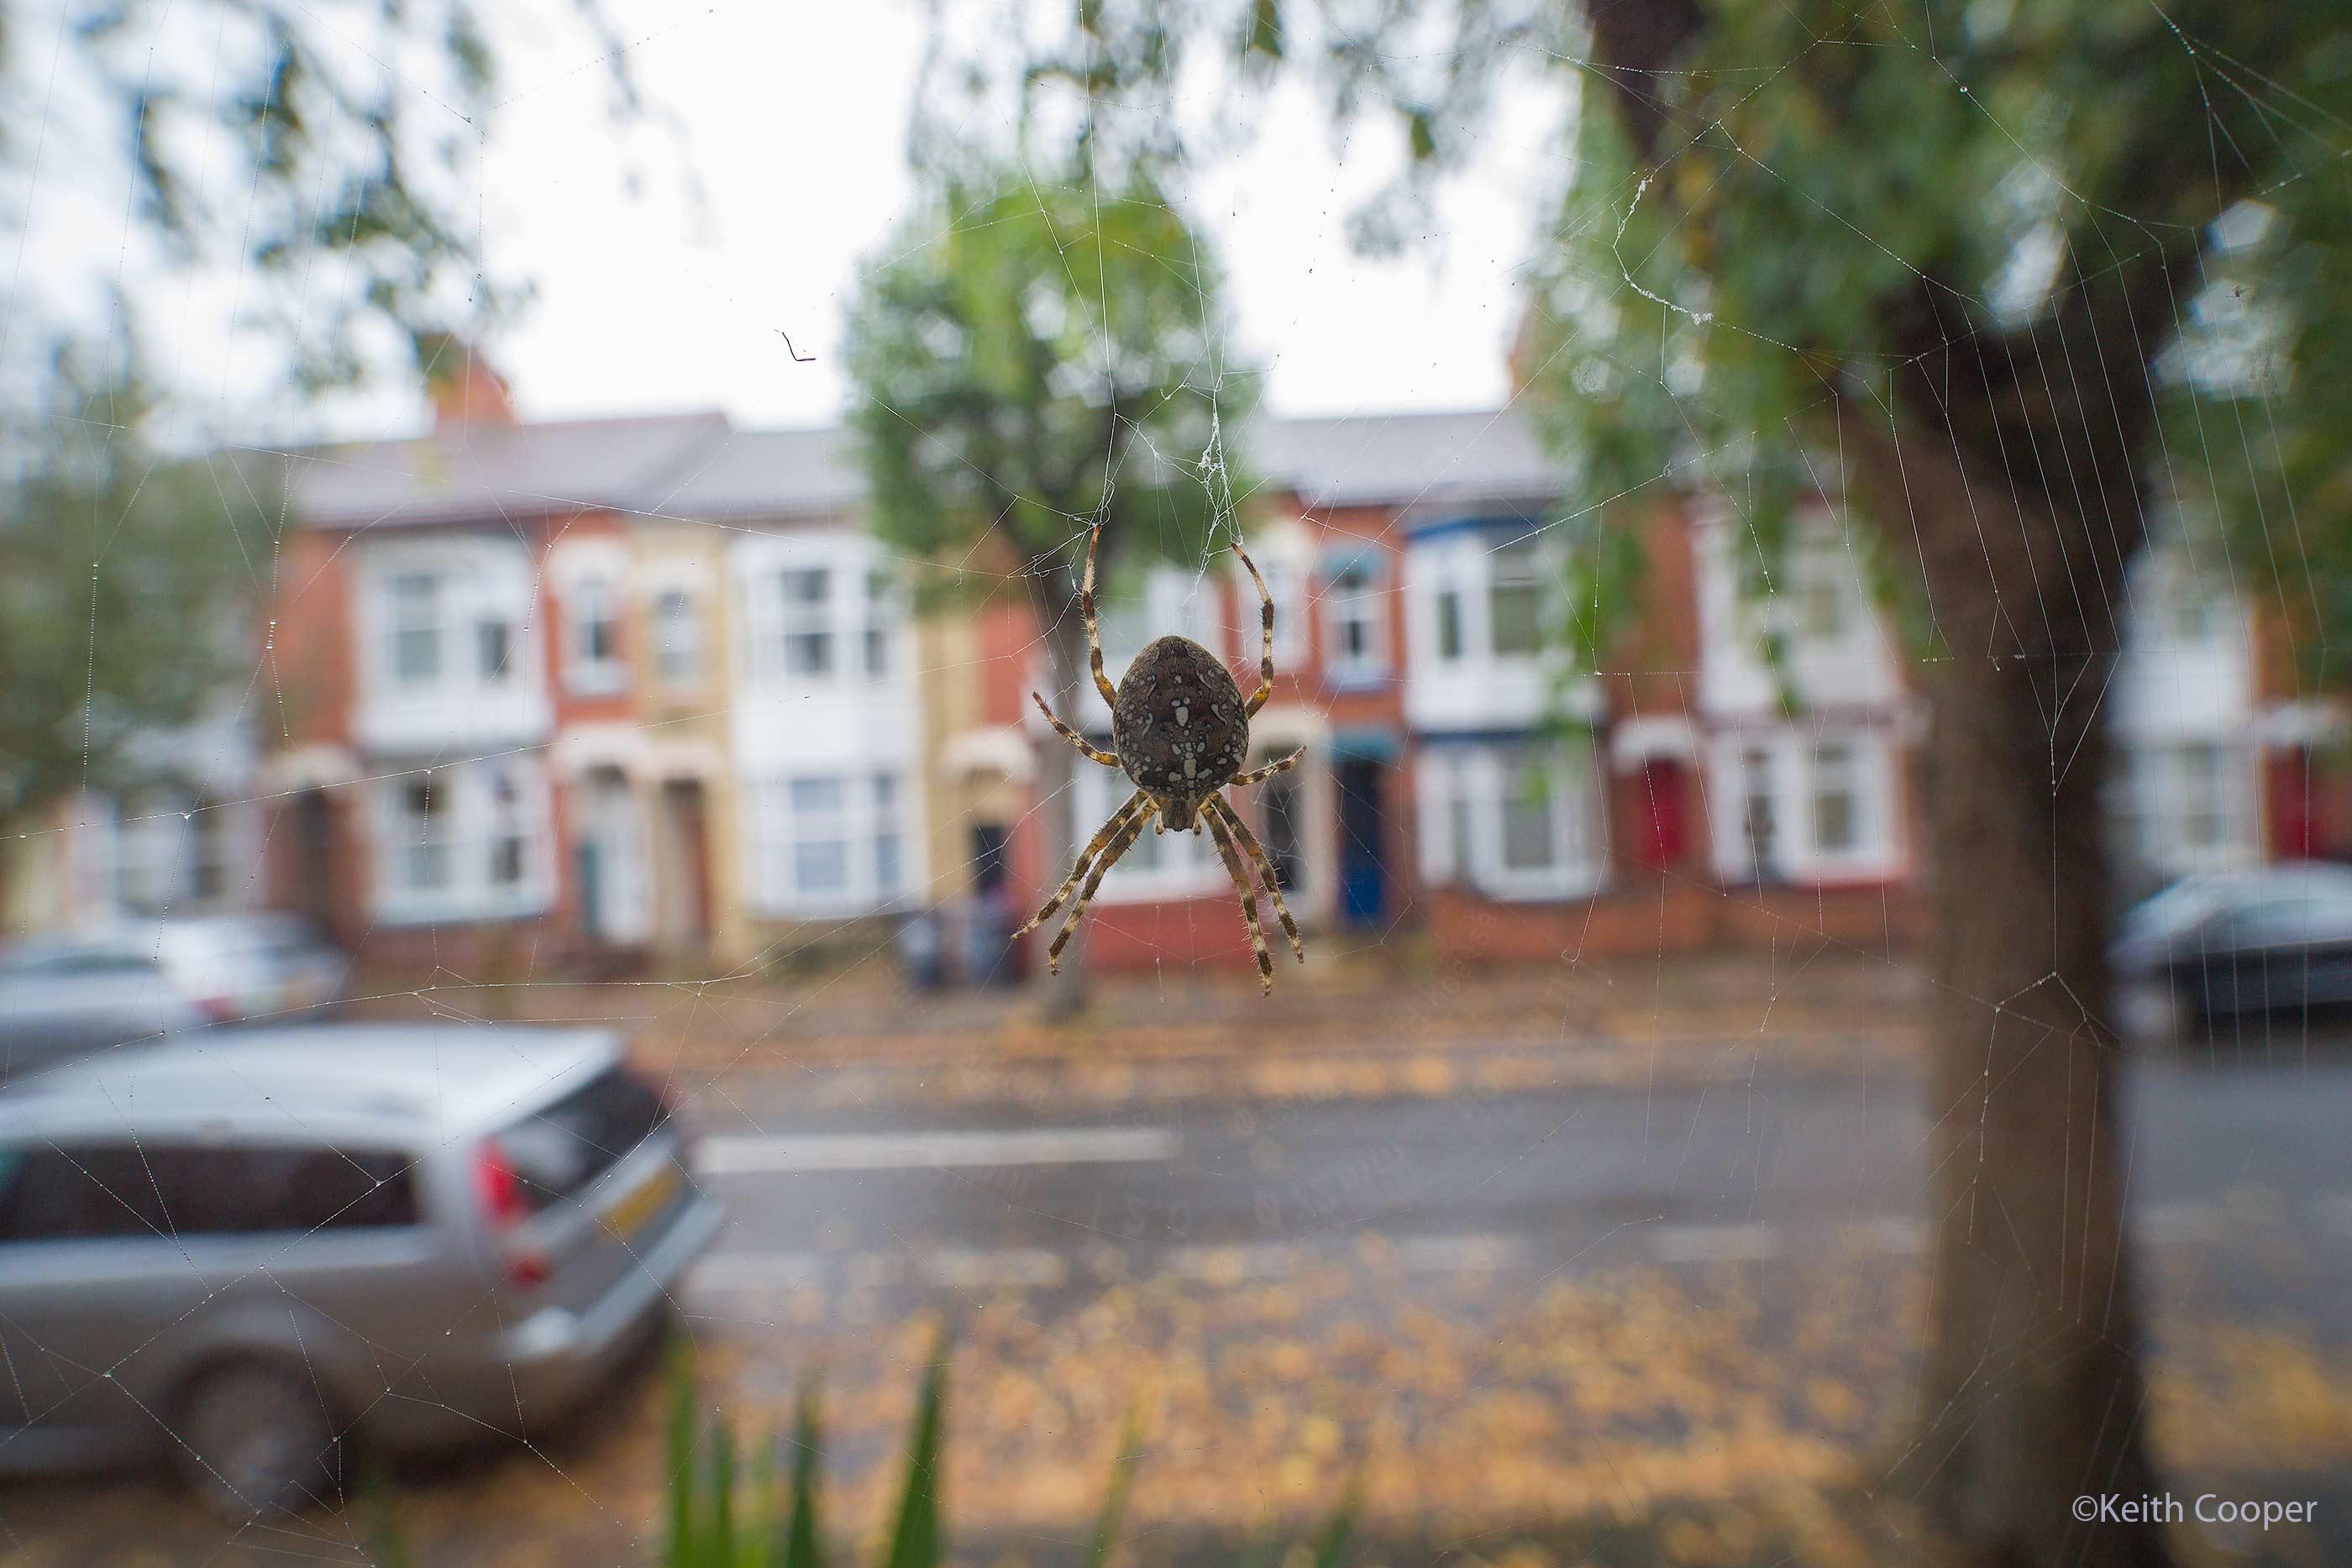 spider f/5.6